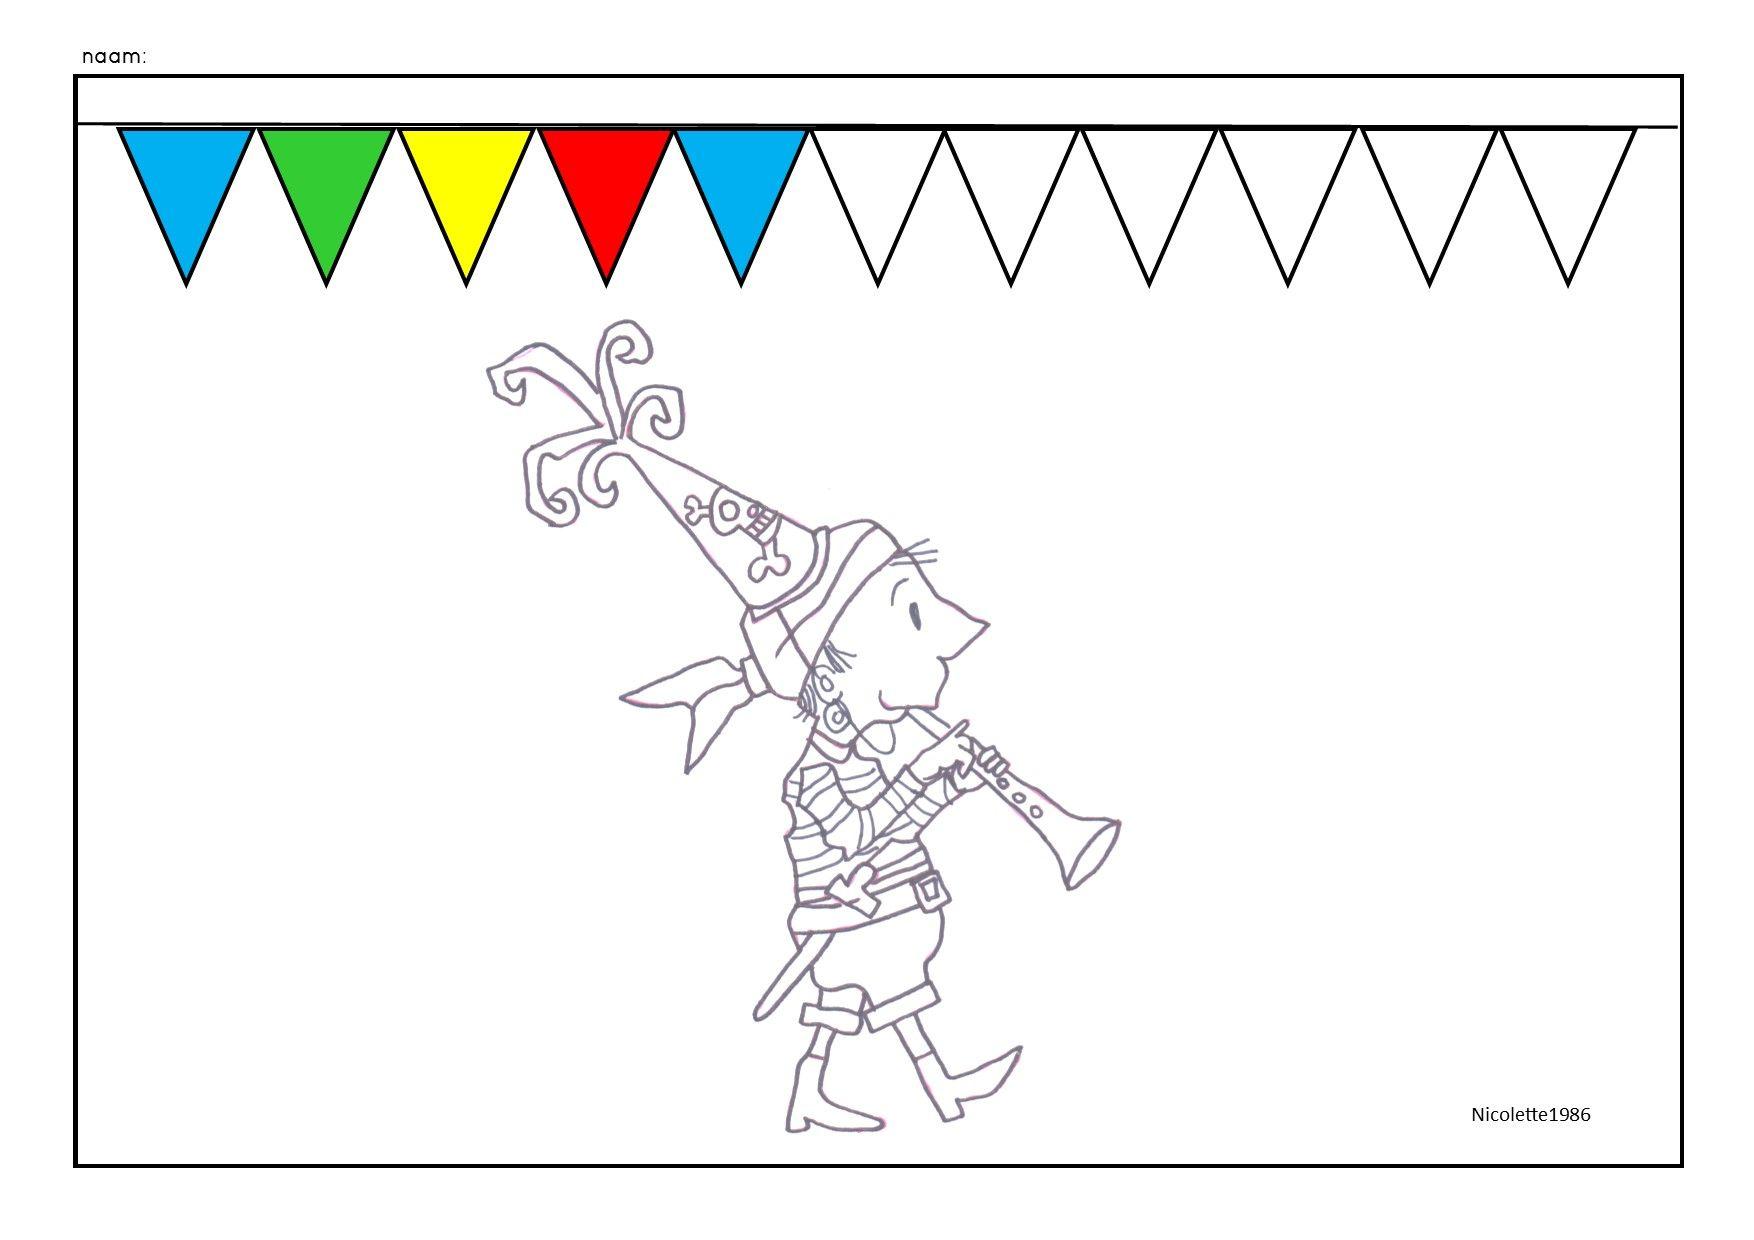 Aadje Piraatje logische reeks vier kleuren